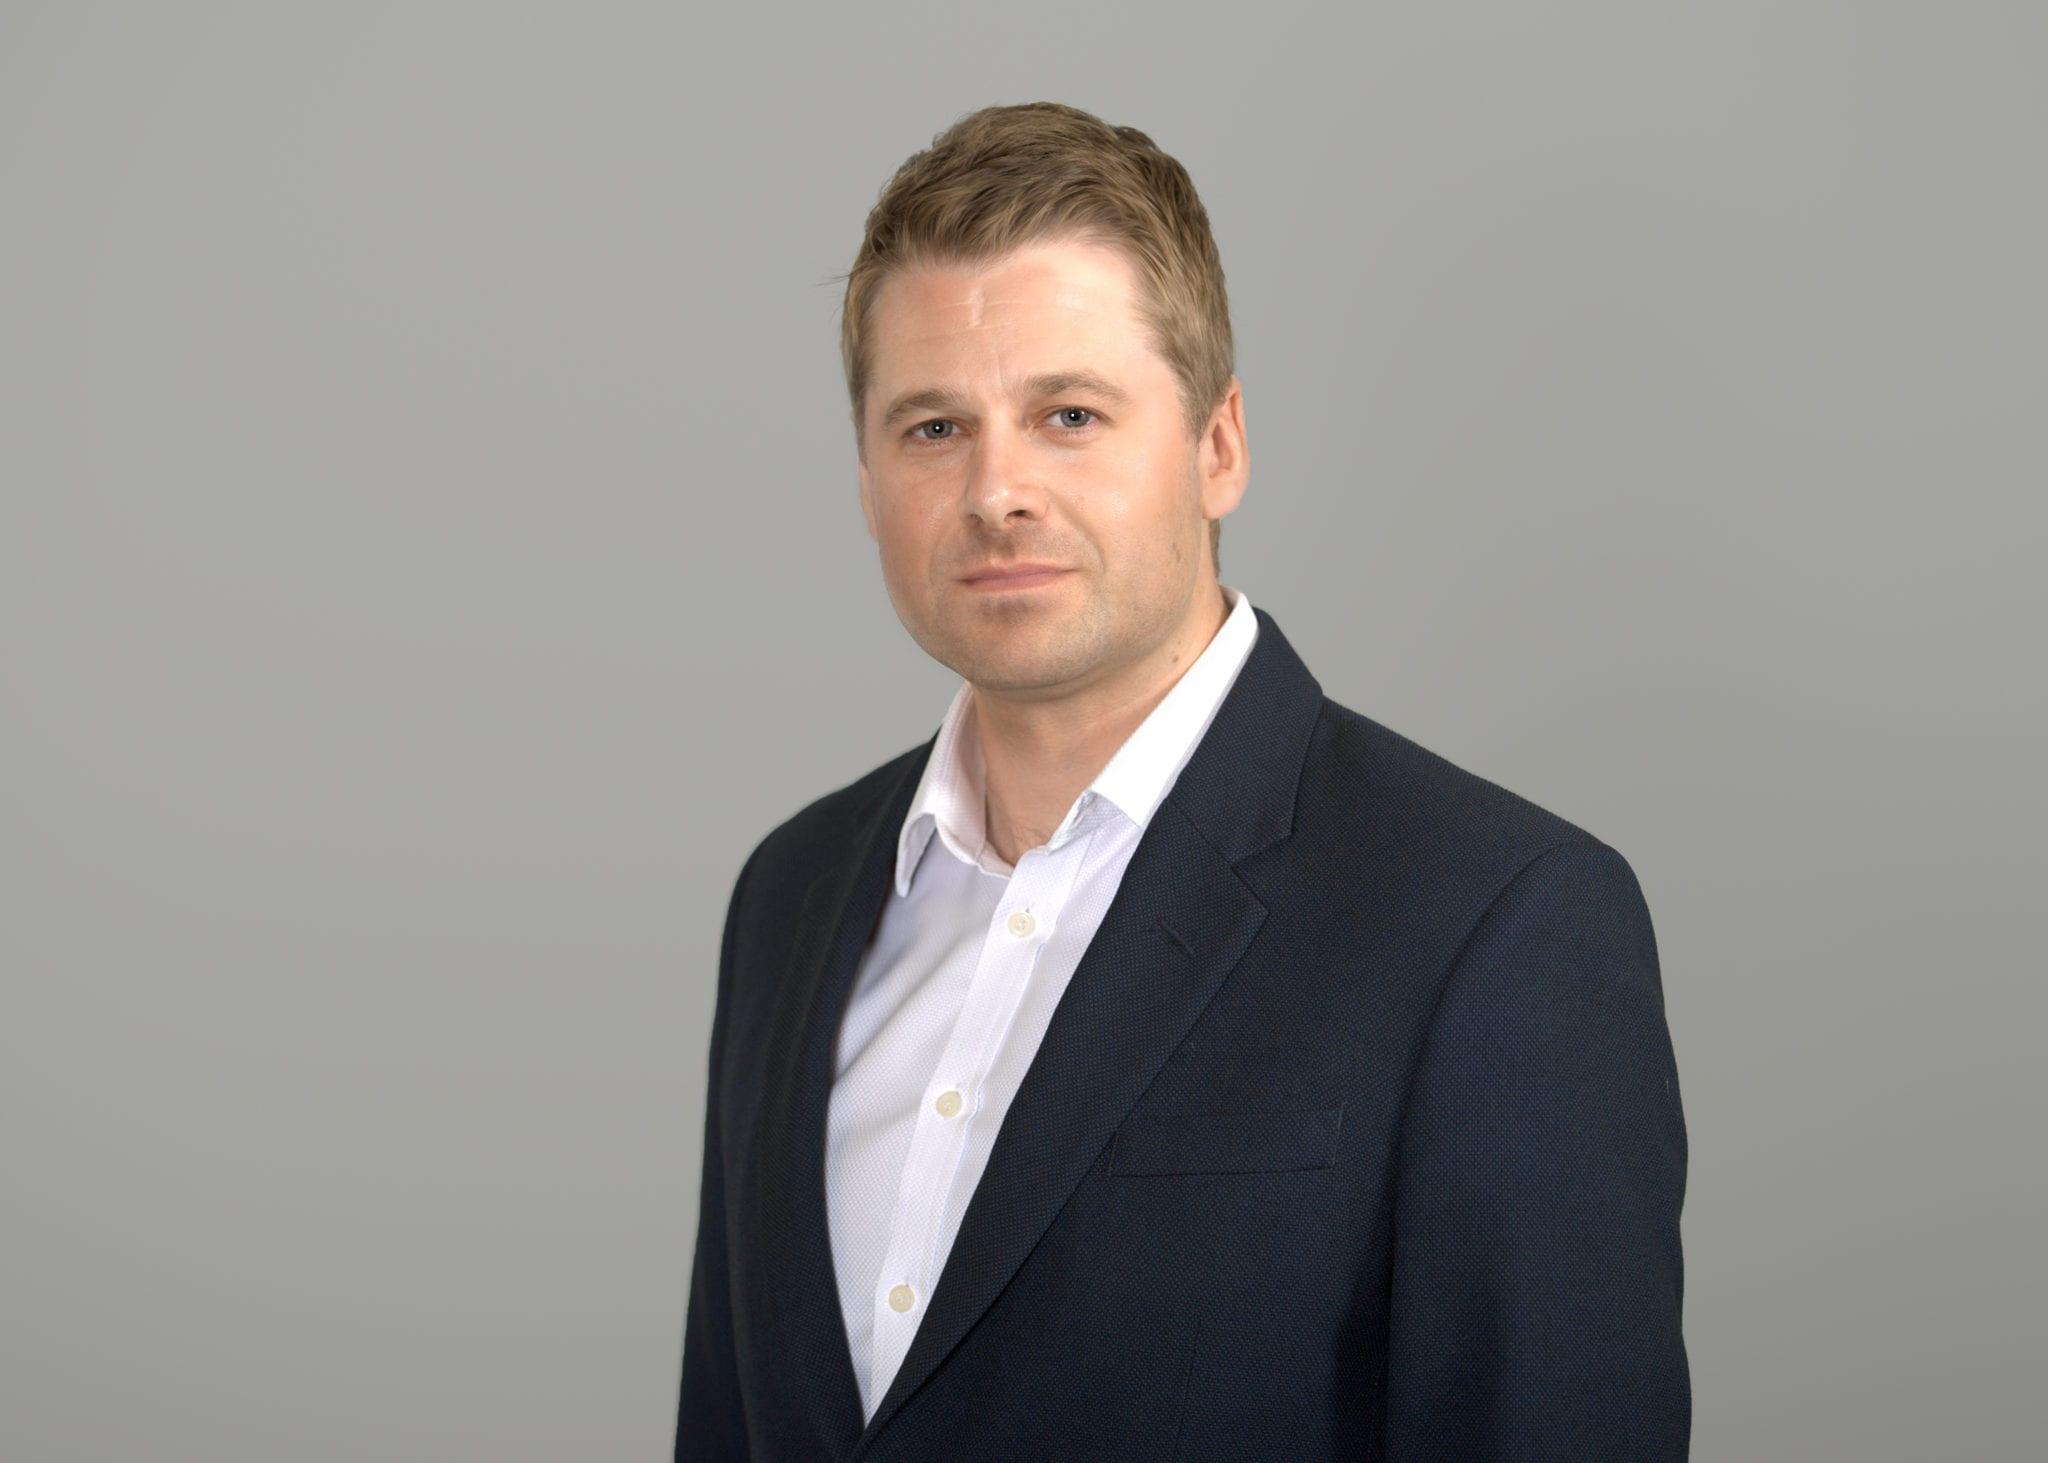 Tom Mullan wearing a suit